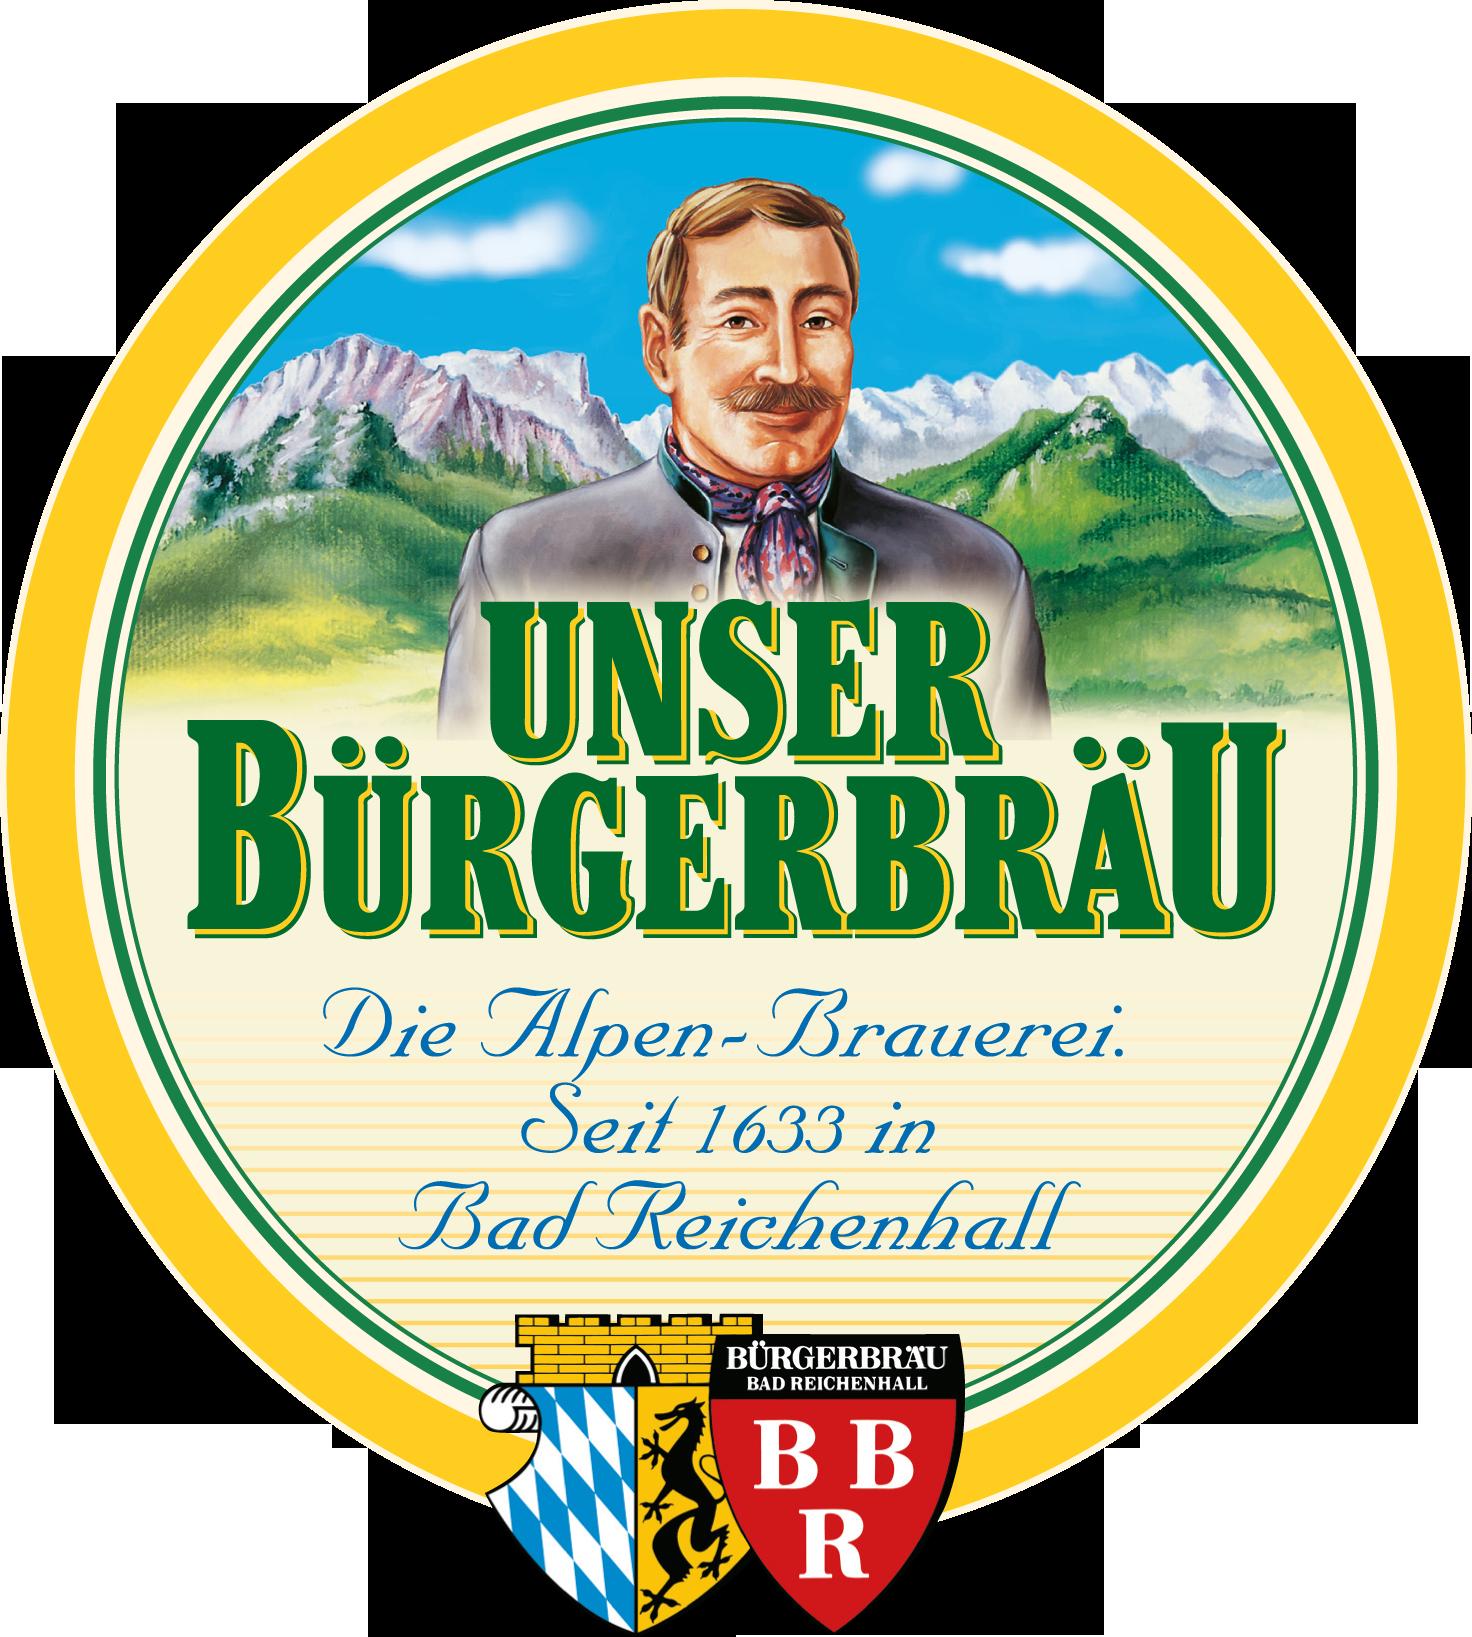 Alpenbrauerei